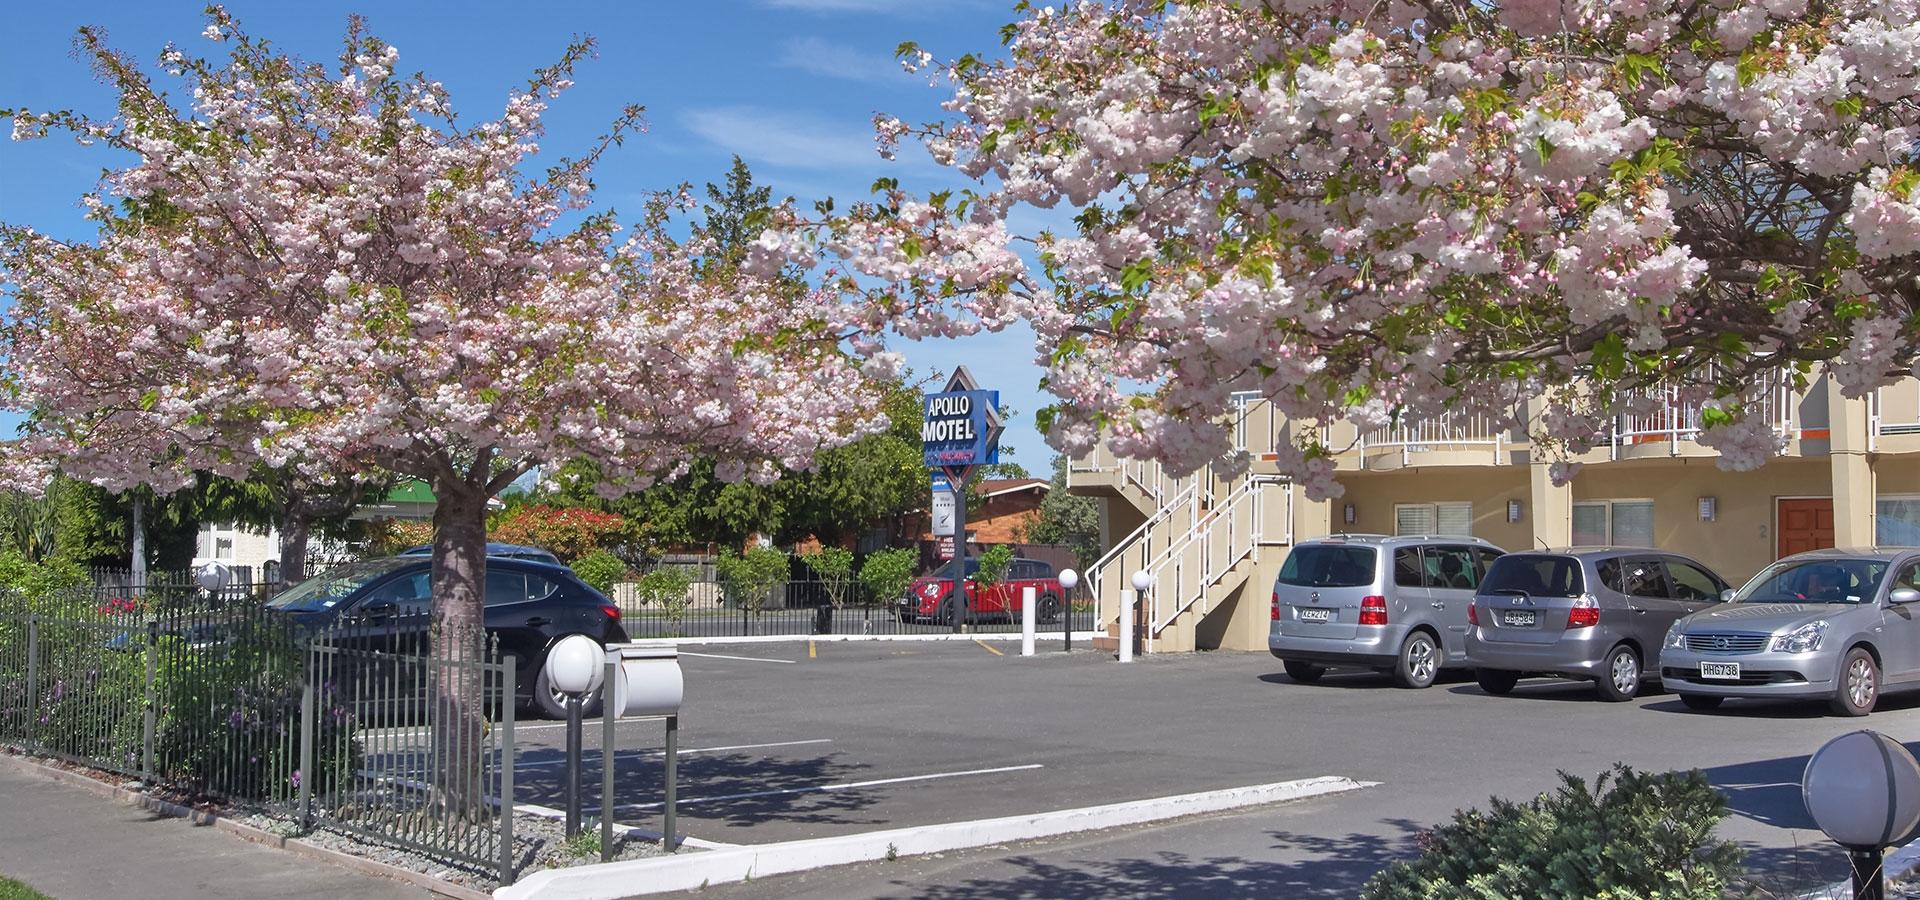 Apollo Motel in Riccarton